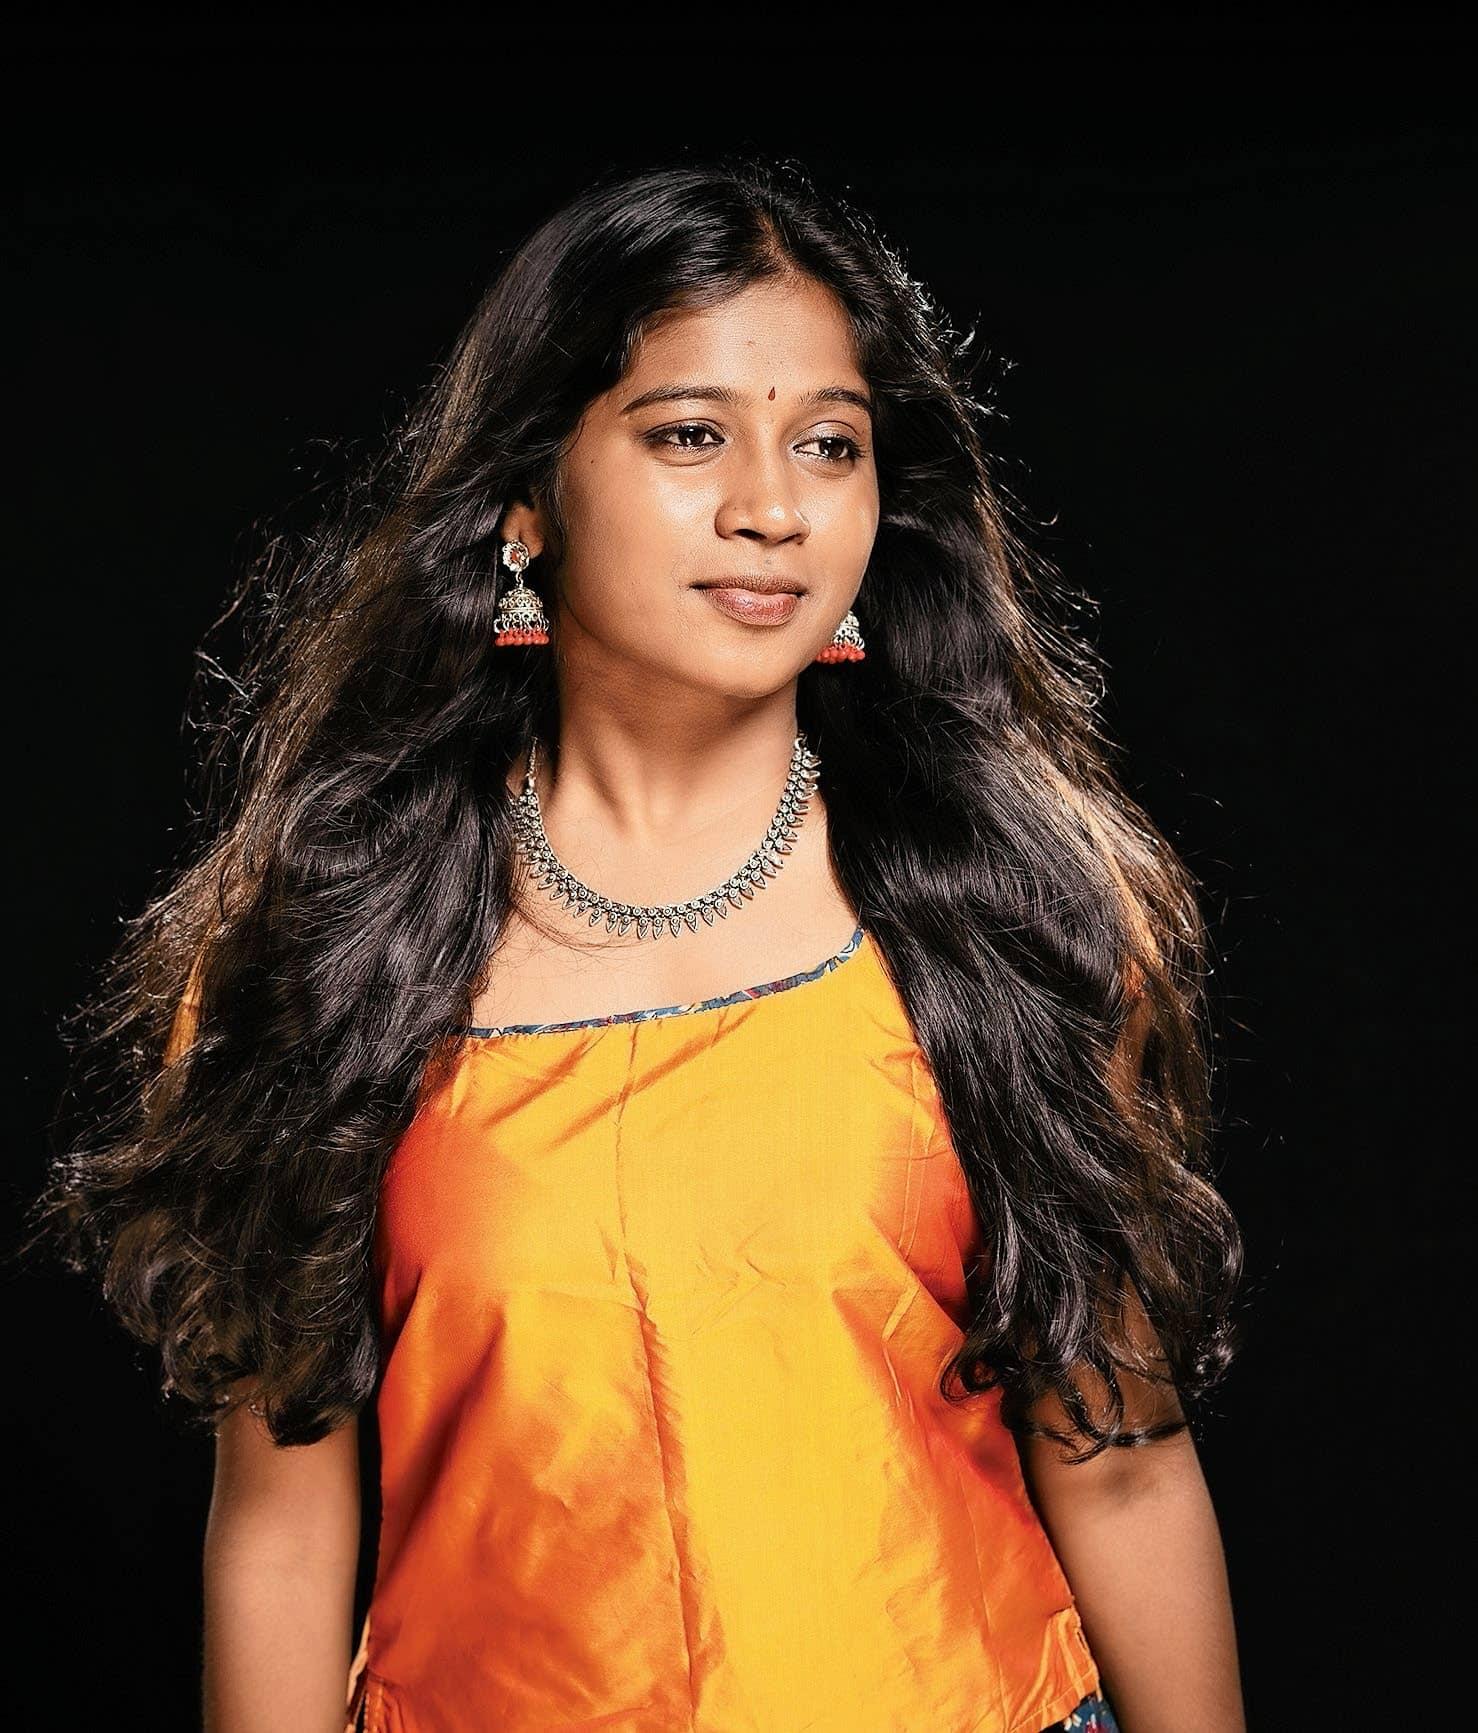 உறங்கிய போதும் ஒரு கண்ணை மூடாதே! - நடிகை சரண்யா ரவிச்சந்திரன்